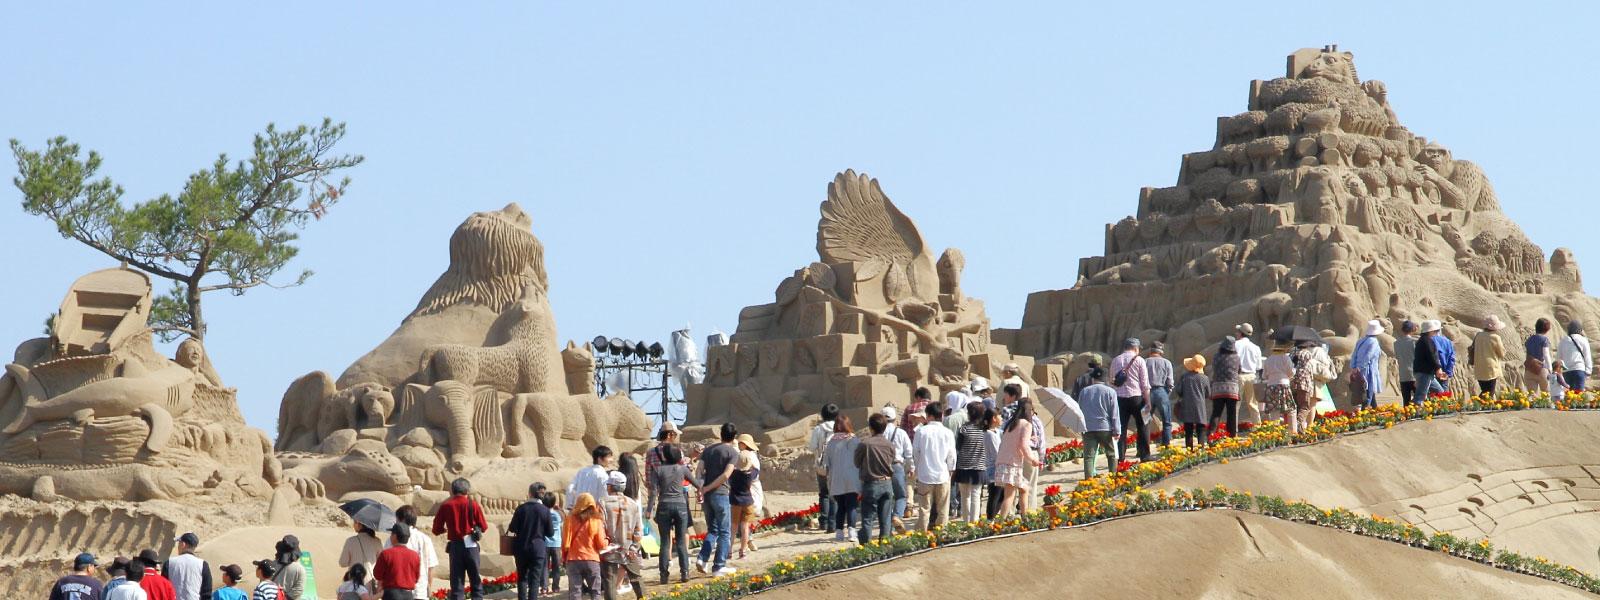 吹上浜砂の祭典 メイン砂像